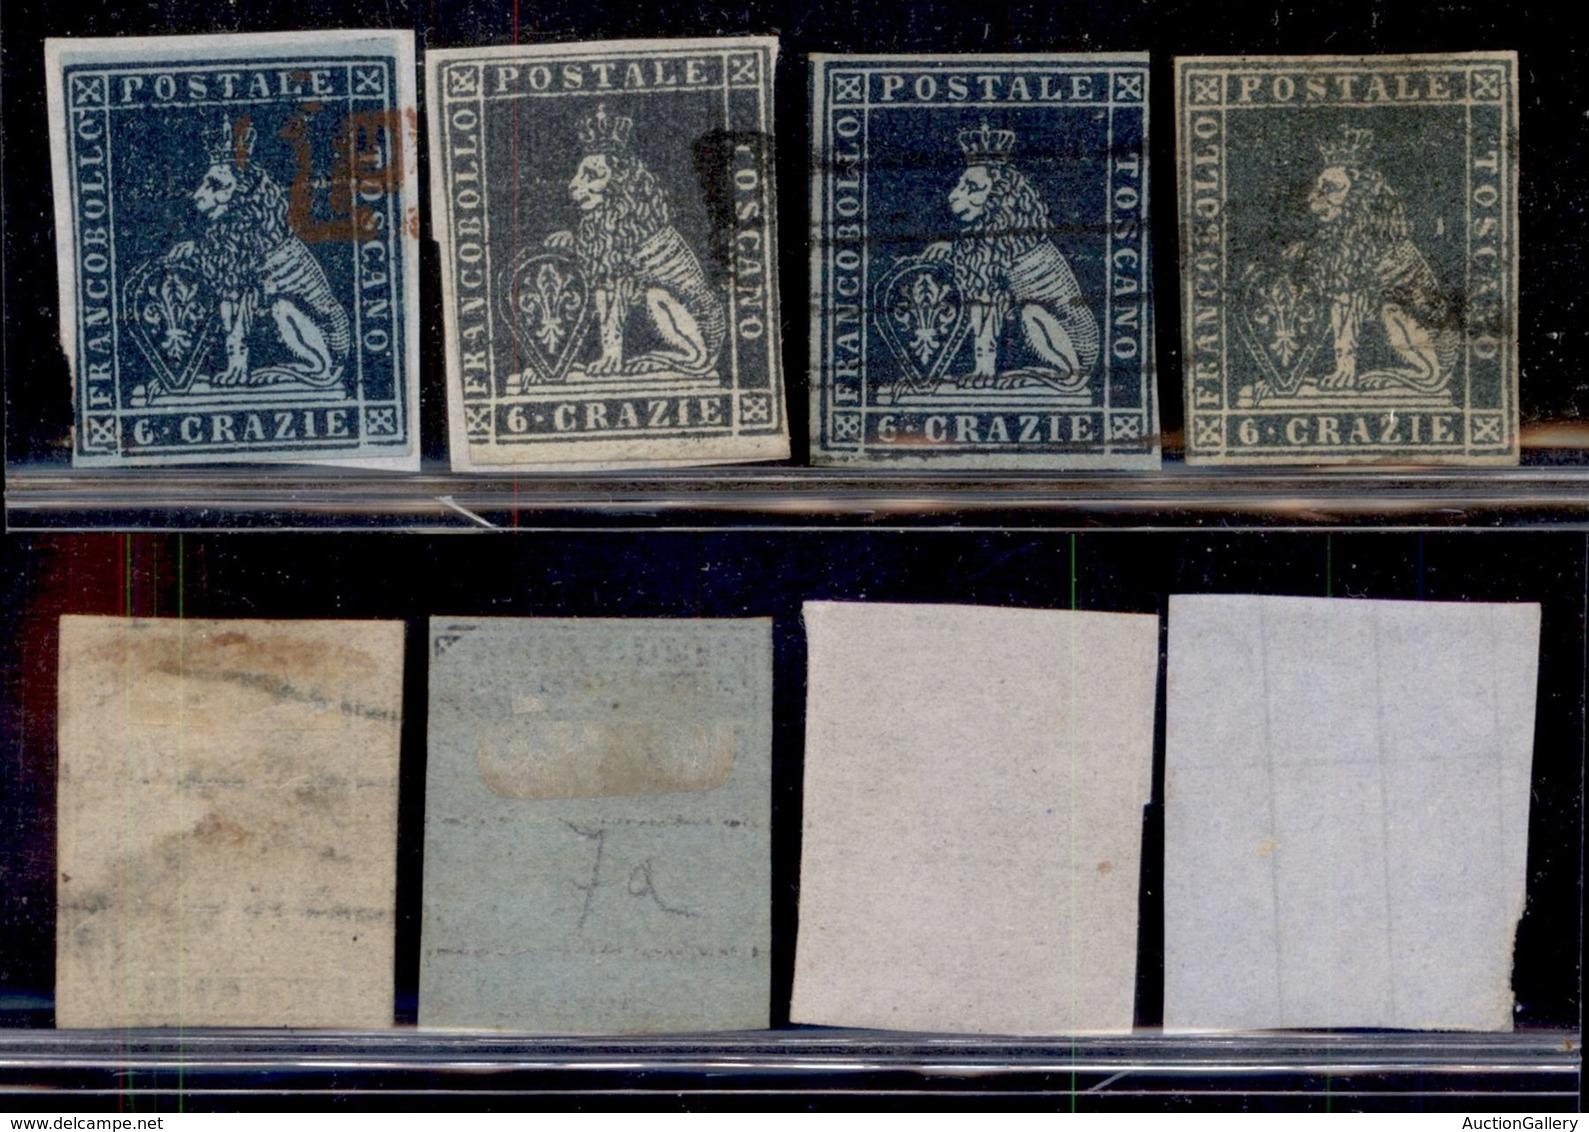 Antichi Stati Italiani - Toscana - 1851 - 6 Crazie (7/7c) - Quattro Usati - Colori Diversi - Margini Corti - Sin Clasificación